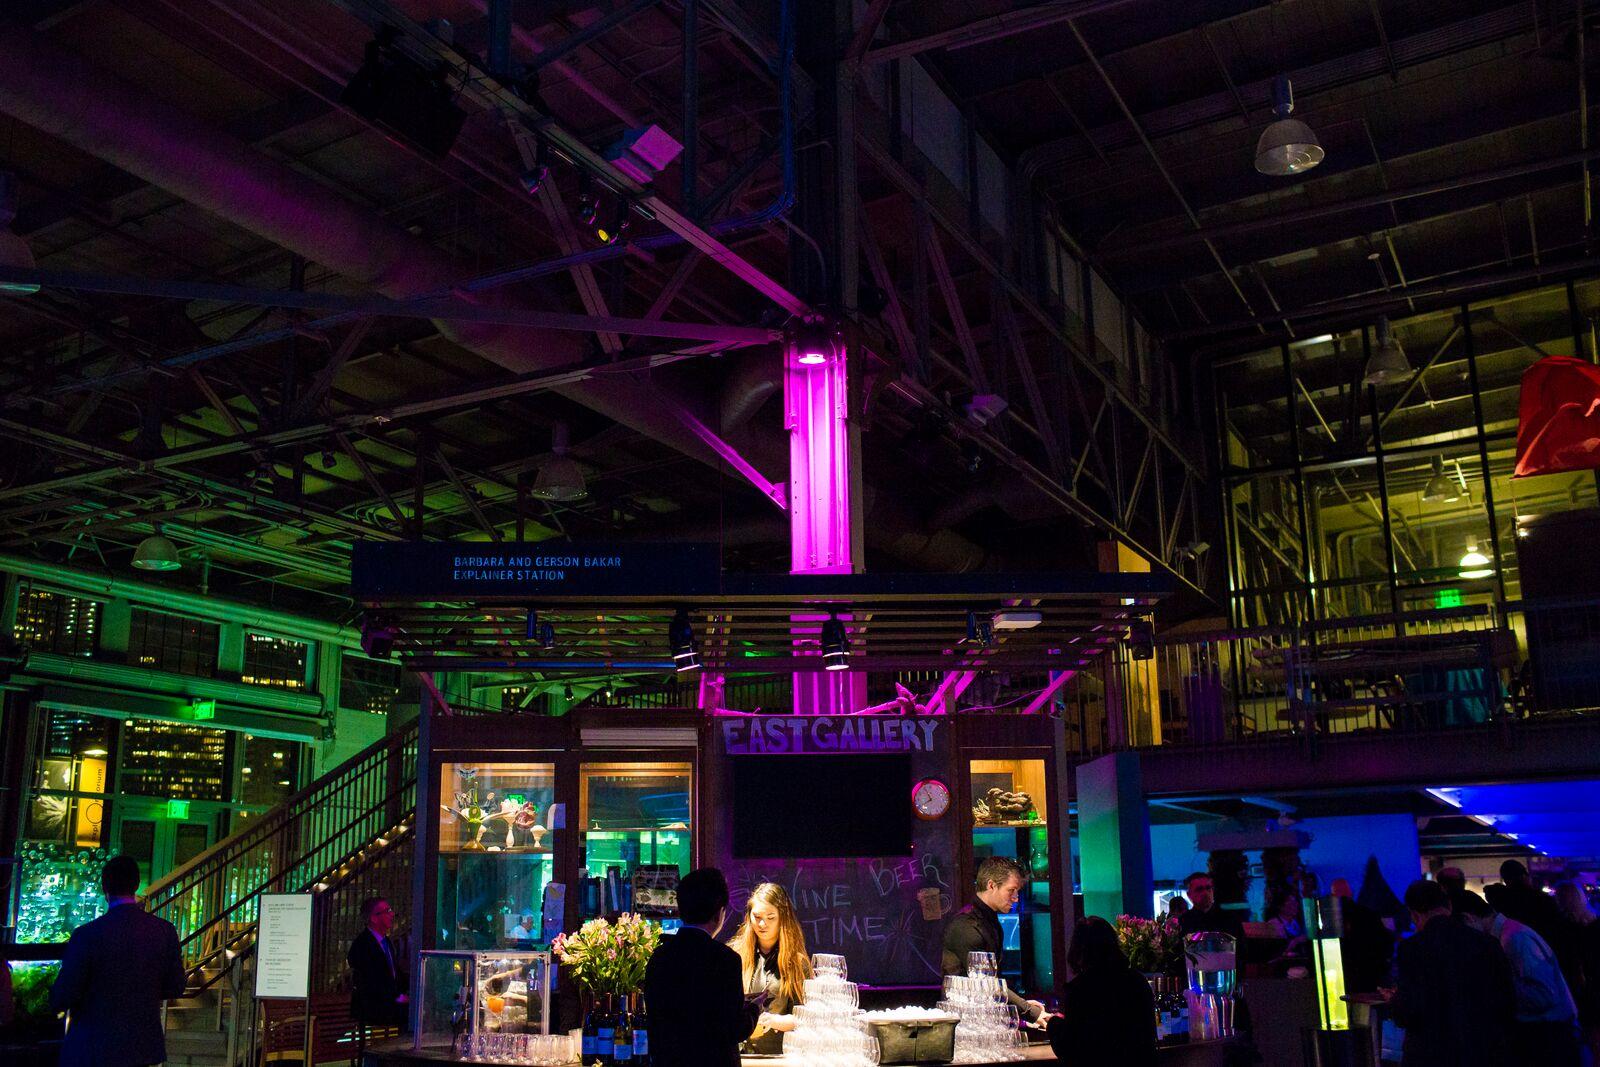 BZCateringExploratorium3.3.2018_3315_preview.jpeg